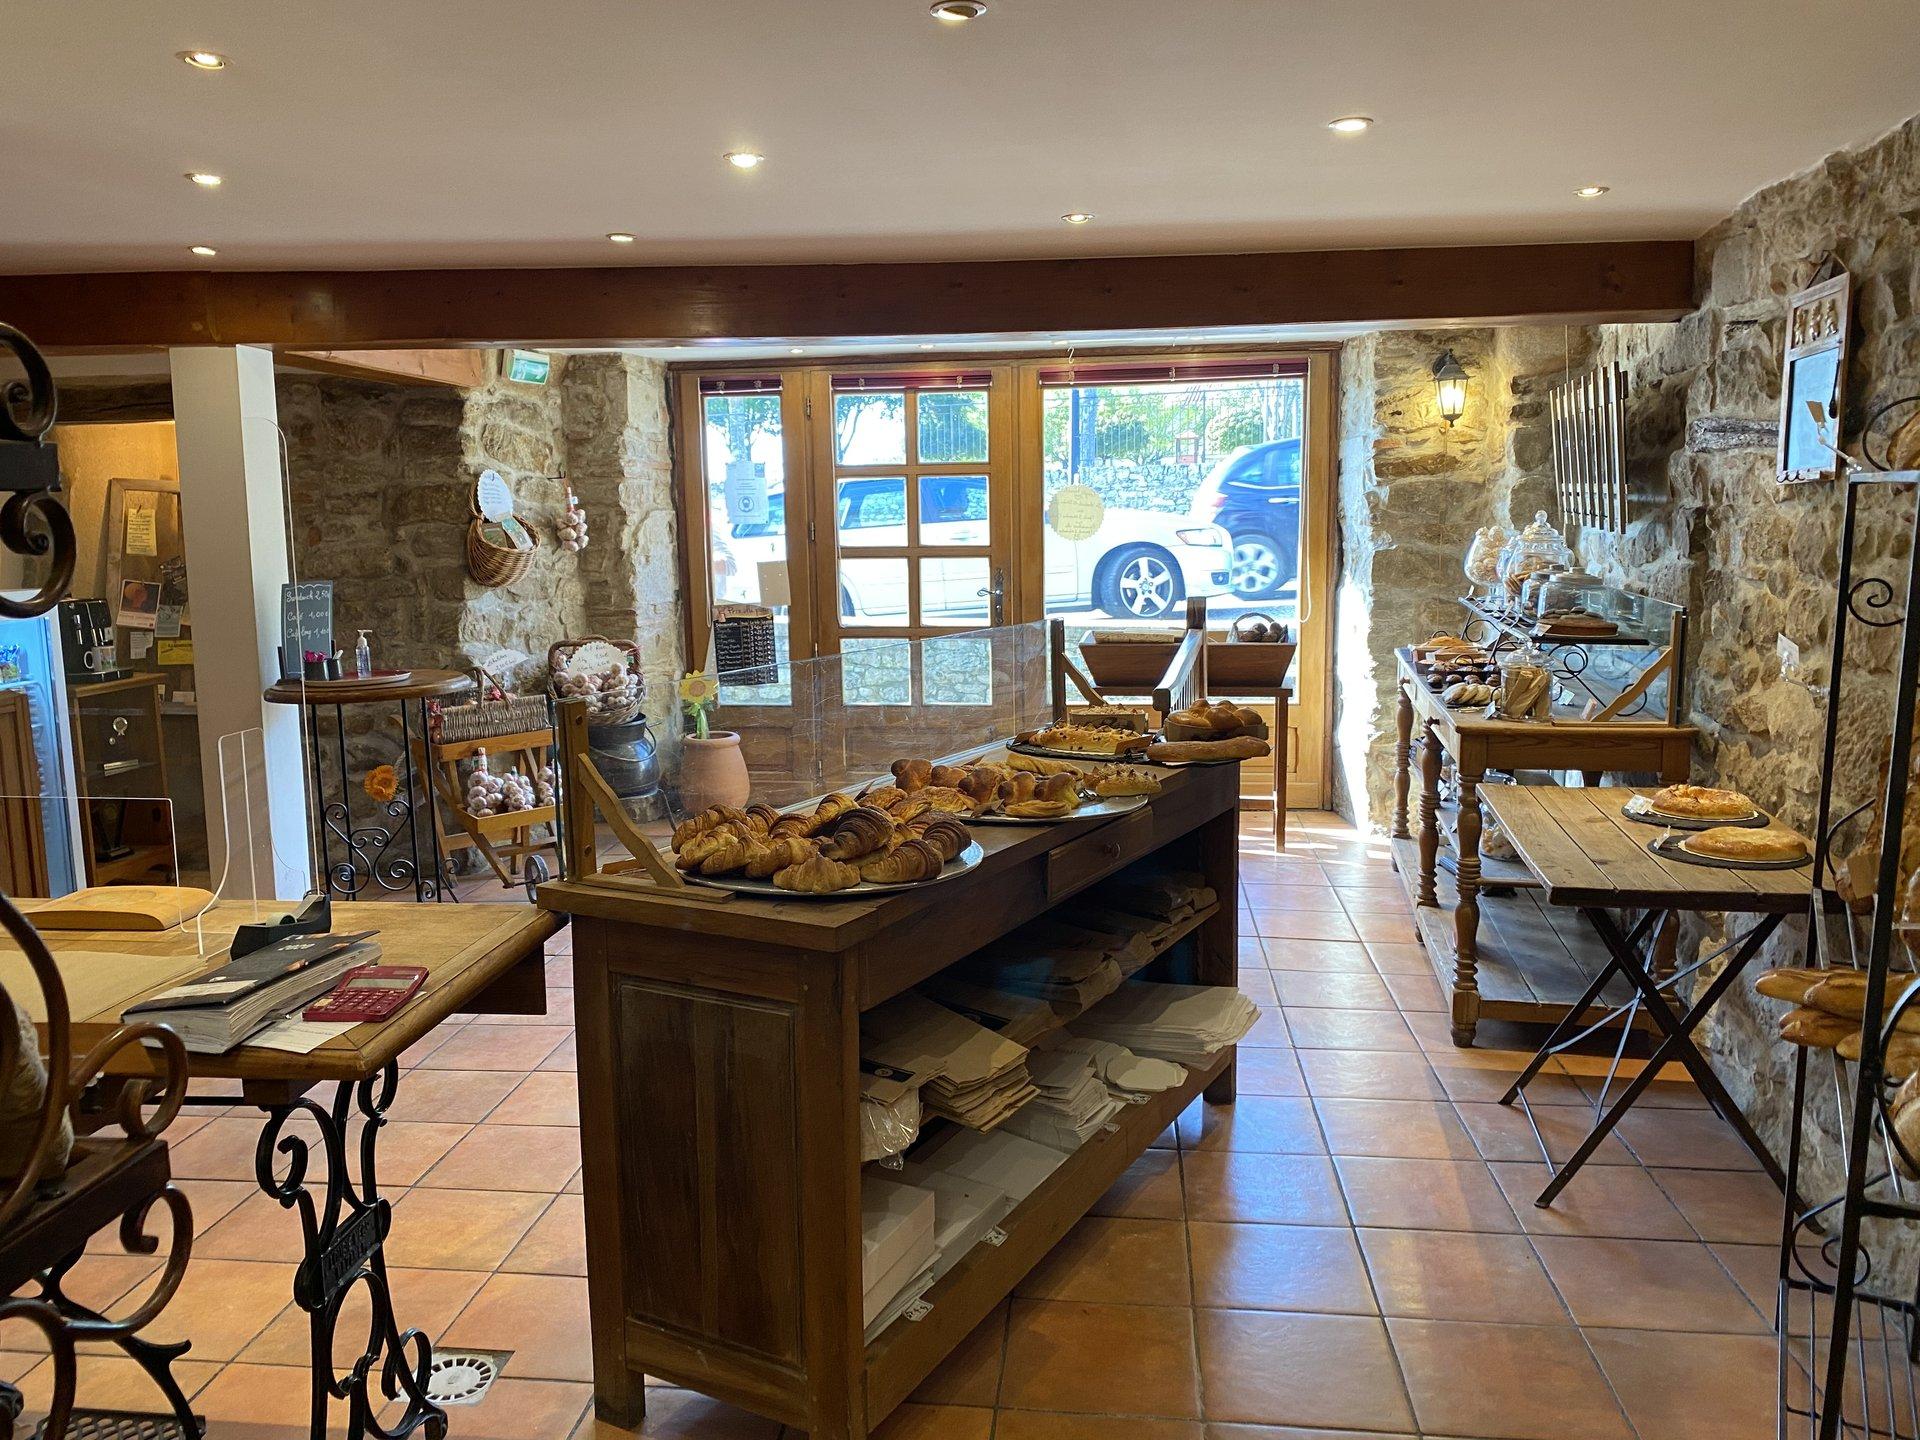 Vente d'un fond de commerce d'une boulangerie dans un village tourtistique du Tarn